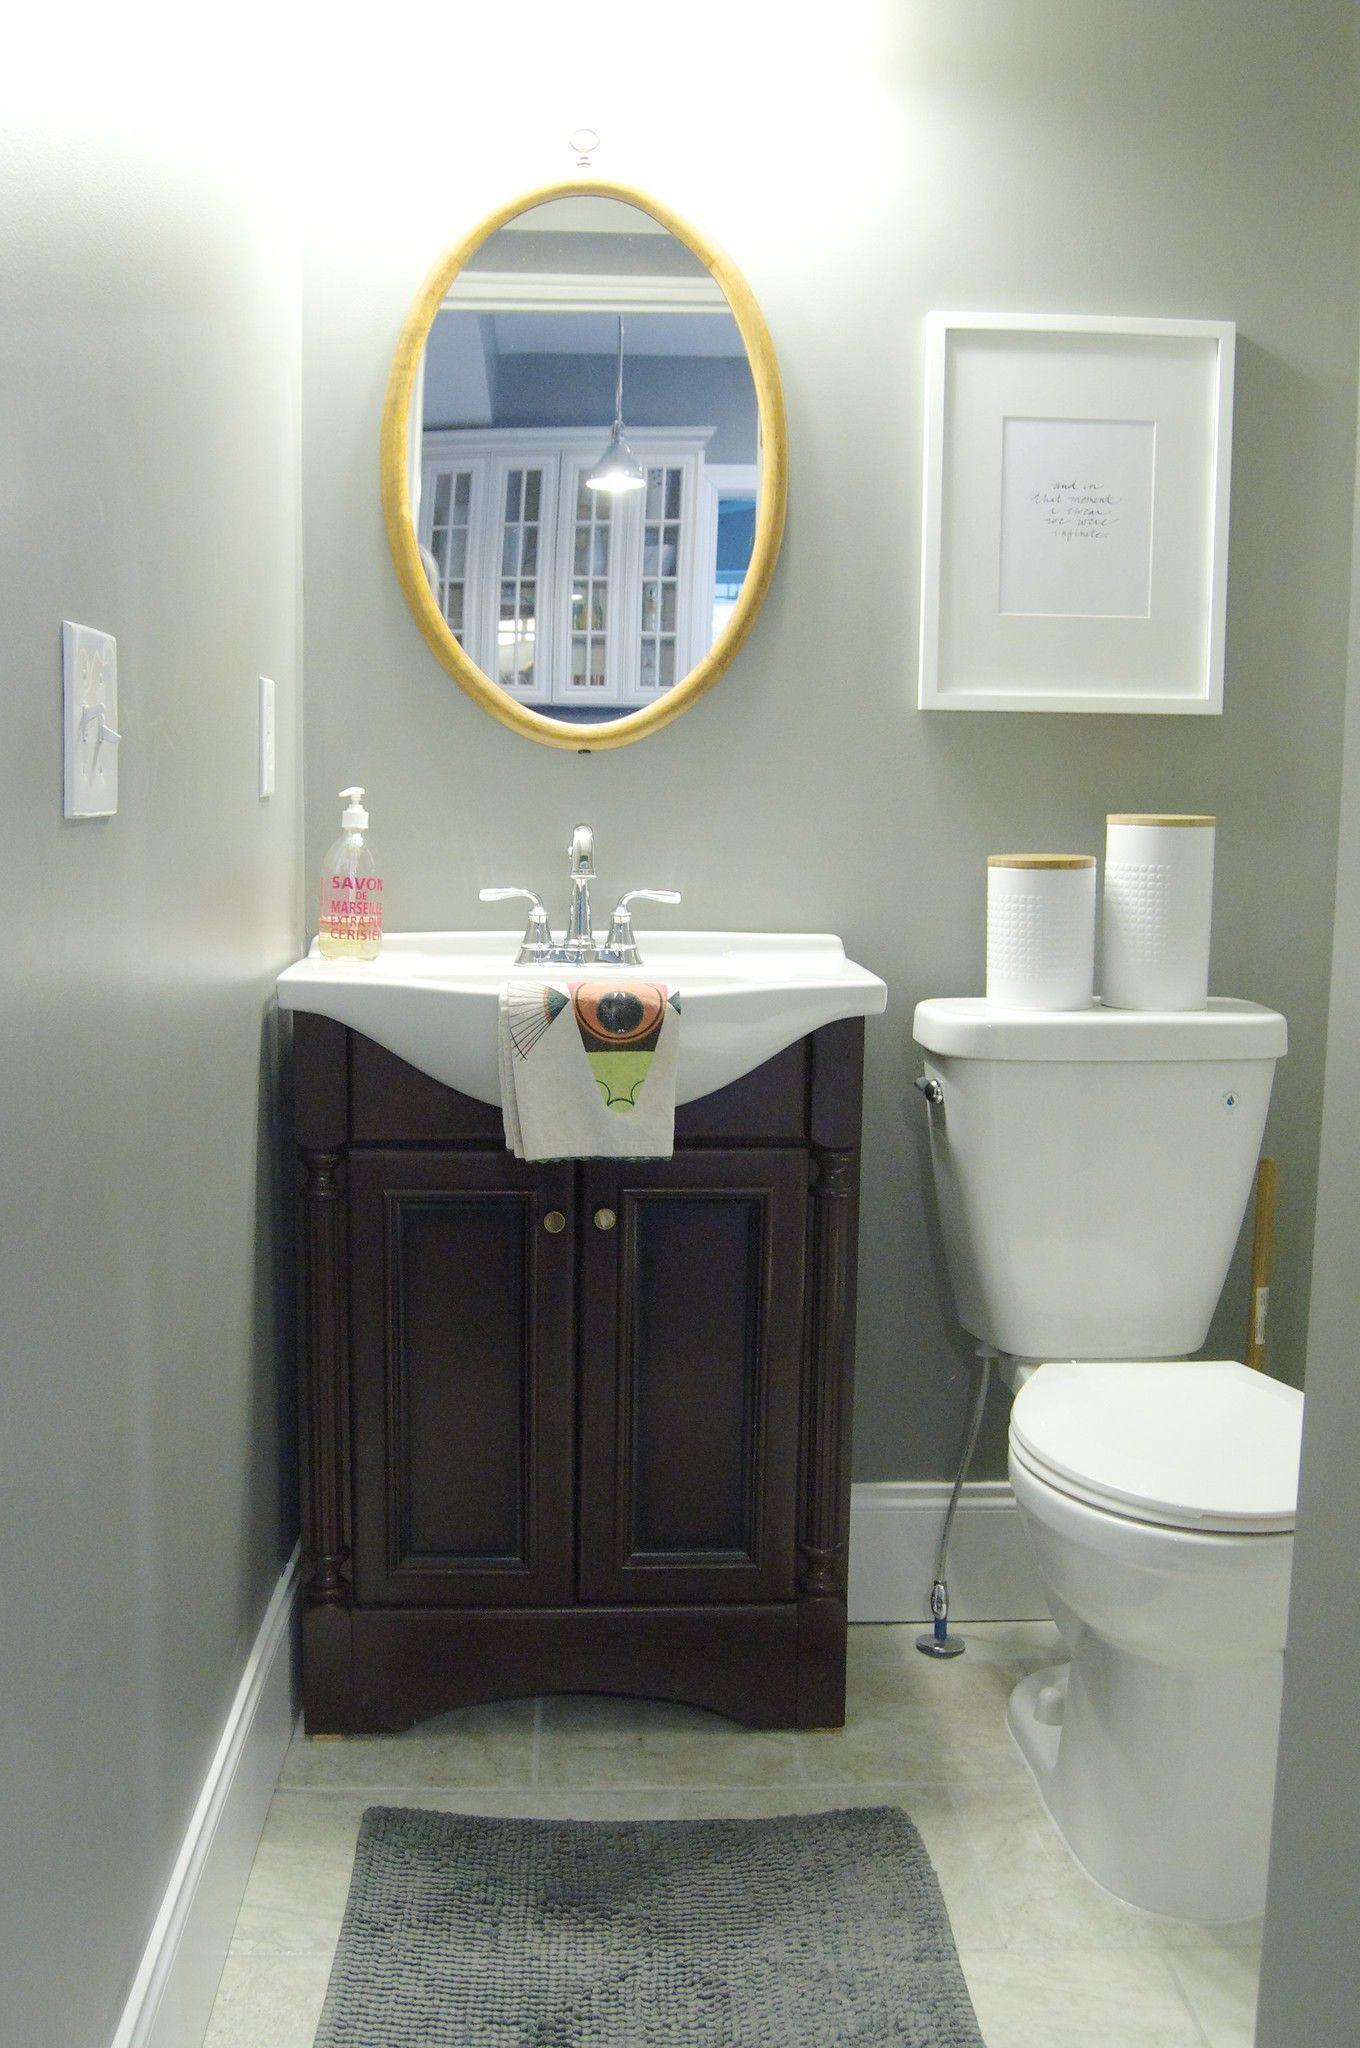 Bathroom Decor And Storage Why Bathroom Decor Farmhouse Bathroom Decor Youtube Bathroom Decor Gray And Blue Bath In 2020 Gaste Toilette Modernes Design Dekorieren